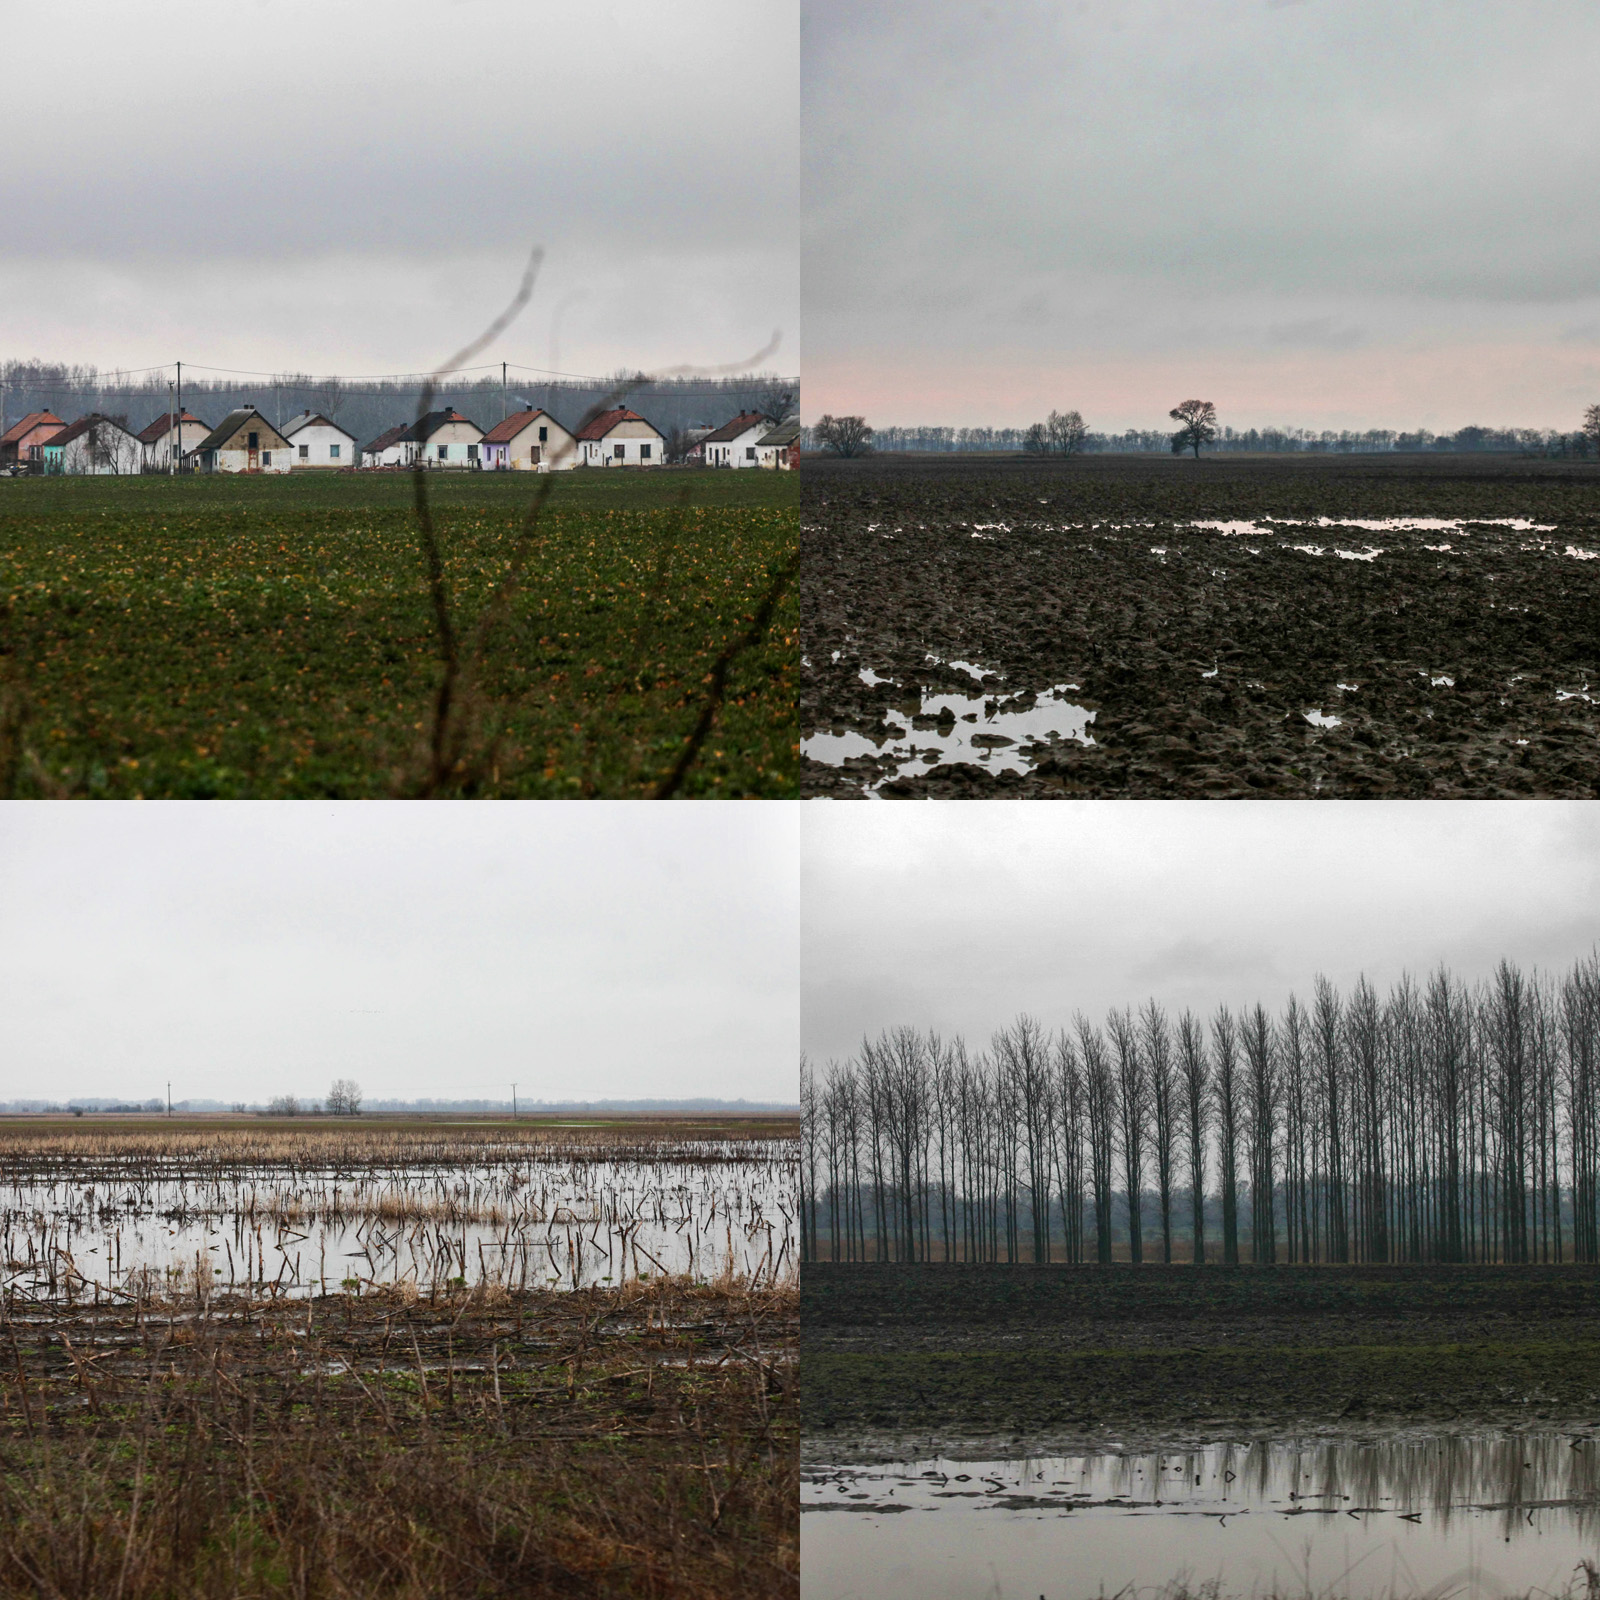 Éhezés és nyomor - Tiszaburán jártunk az Adománytaxival